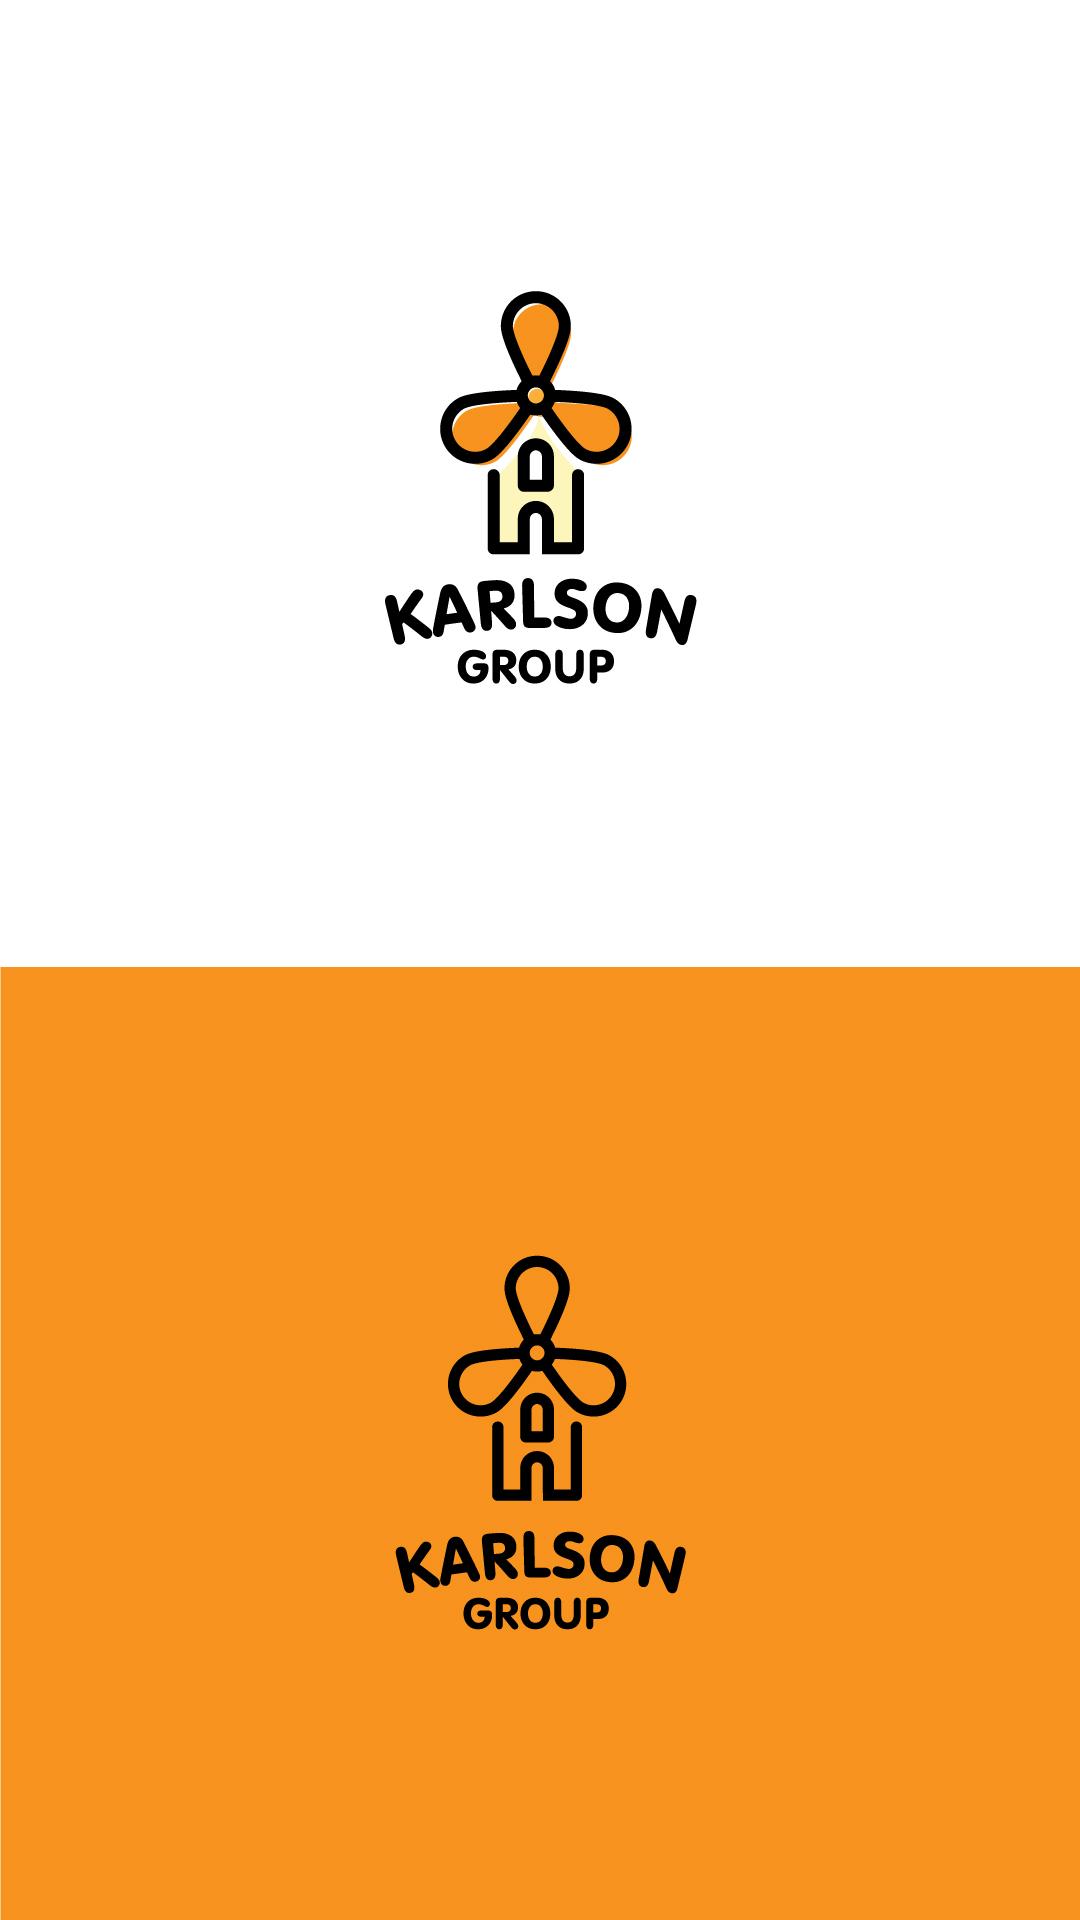 Придумать классный логотип фото f_88659917d3d27657.jpg